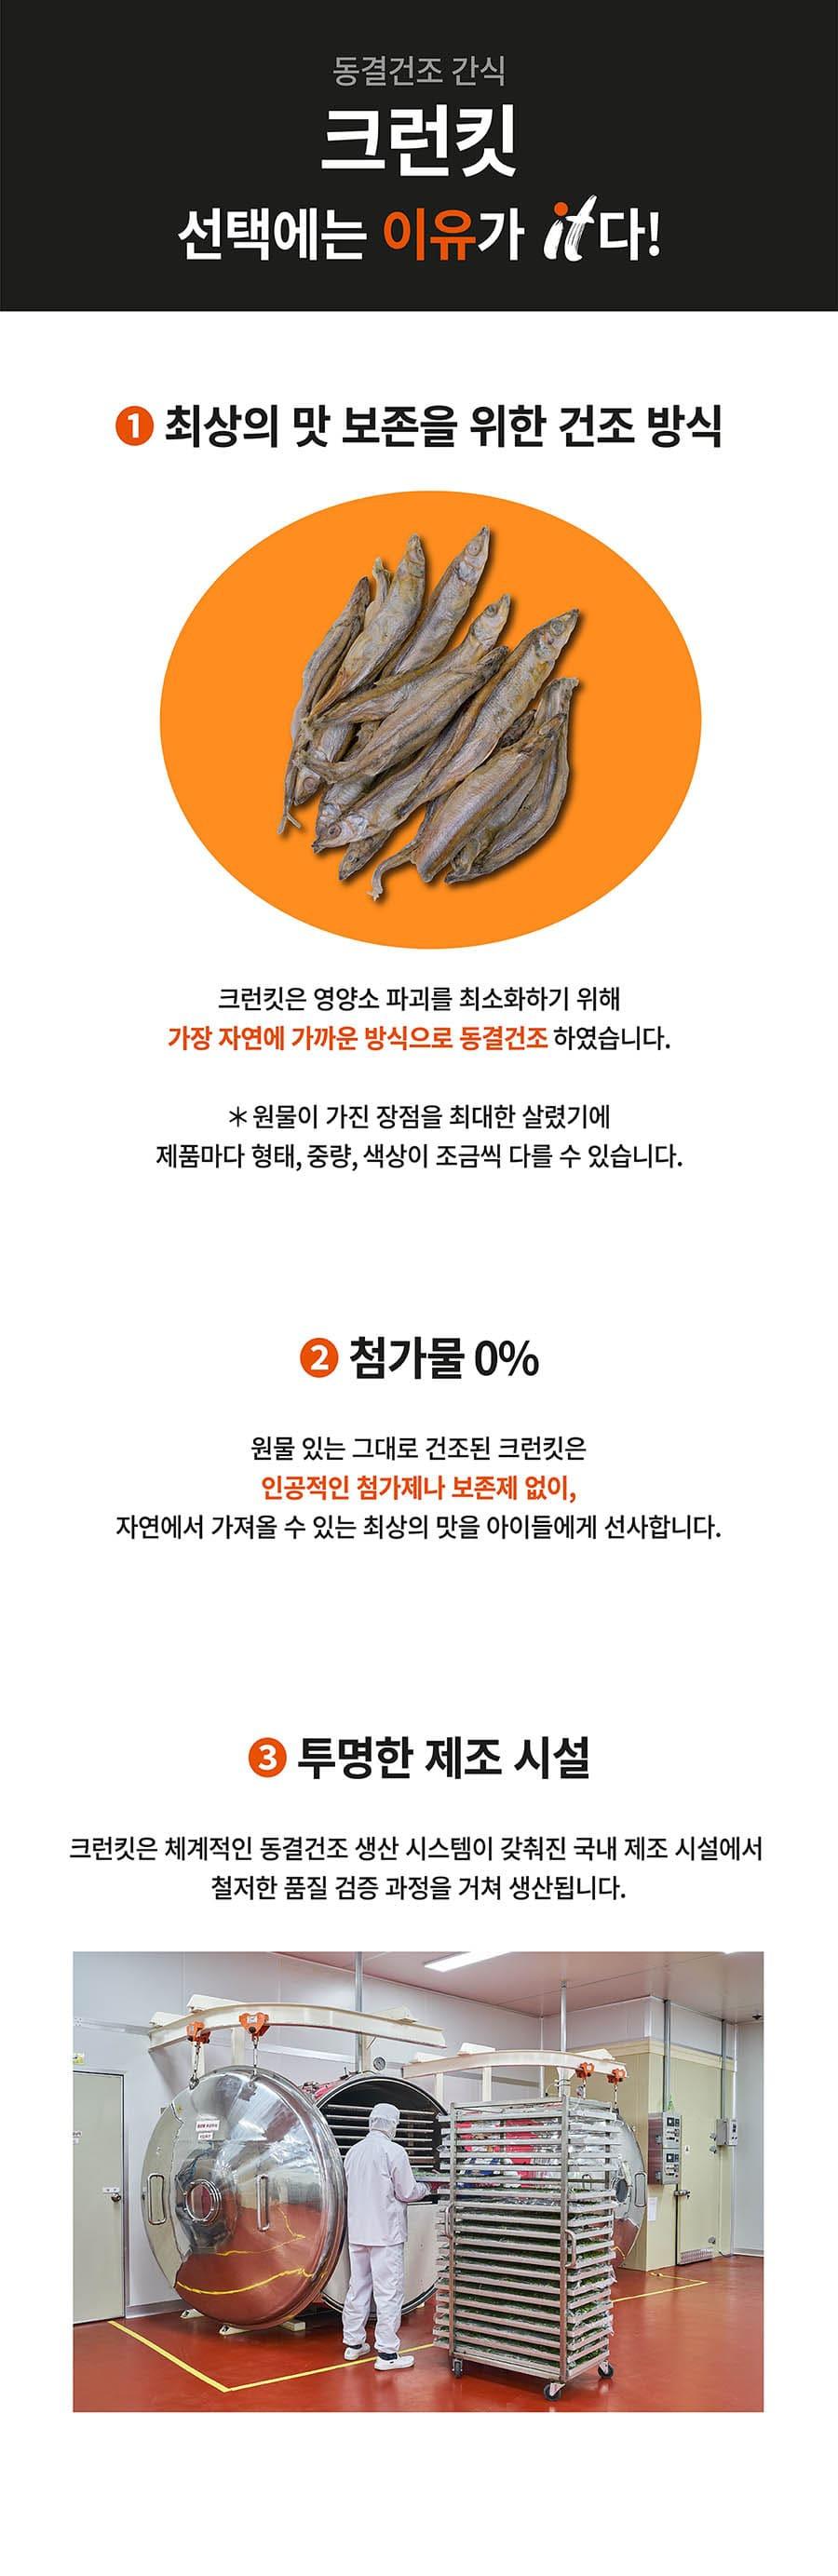 it 크런킷 레어프로틴 열빙어-상품이미지-5